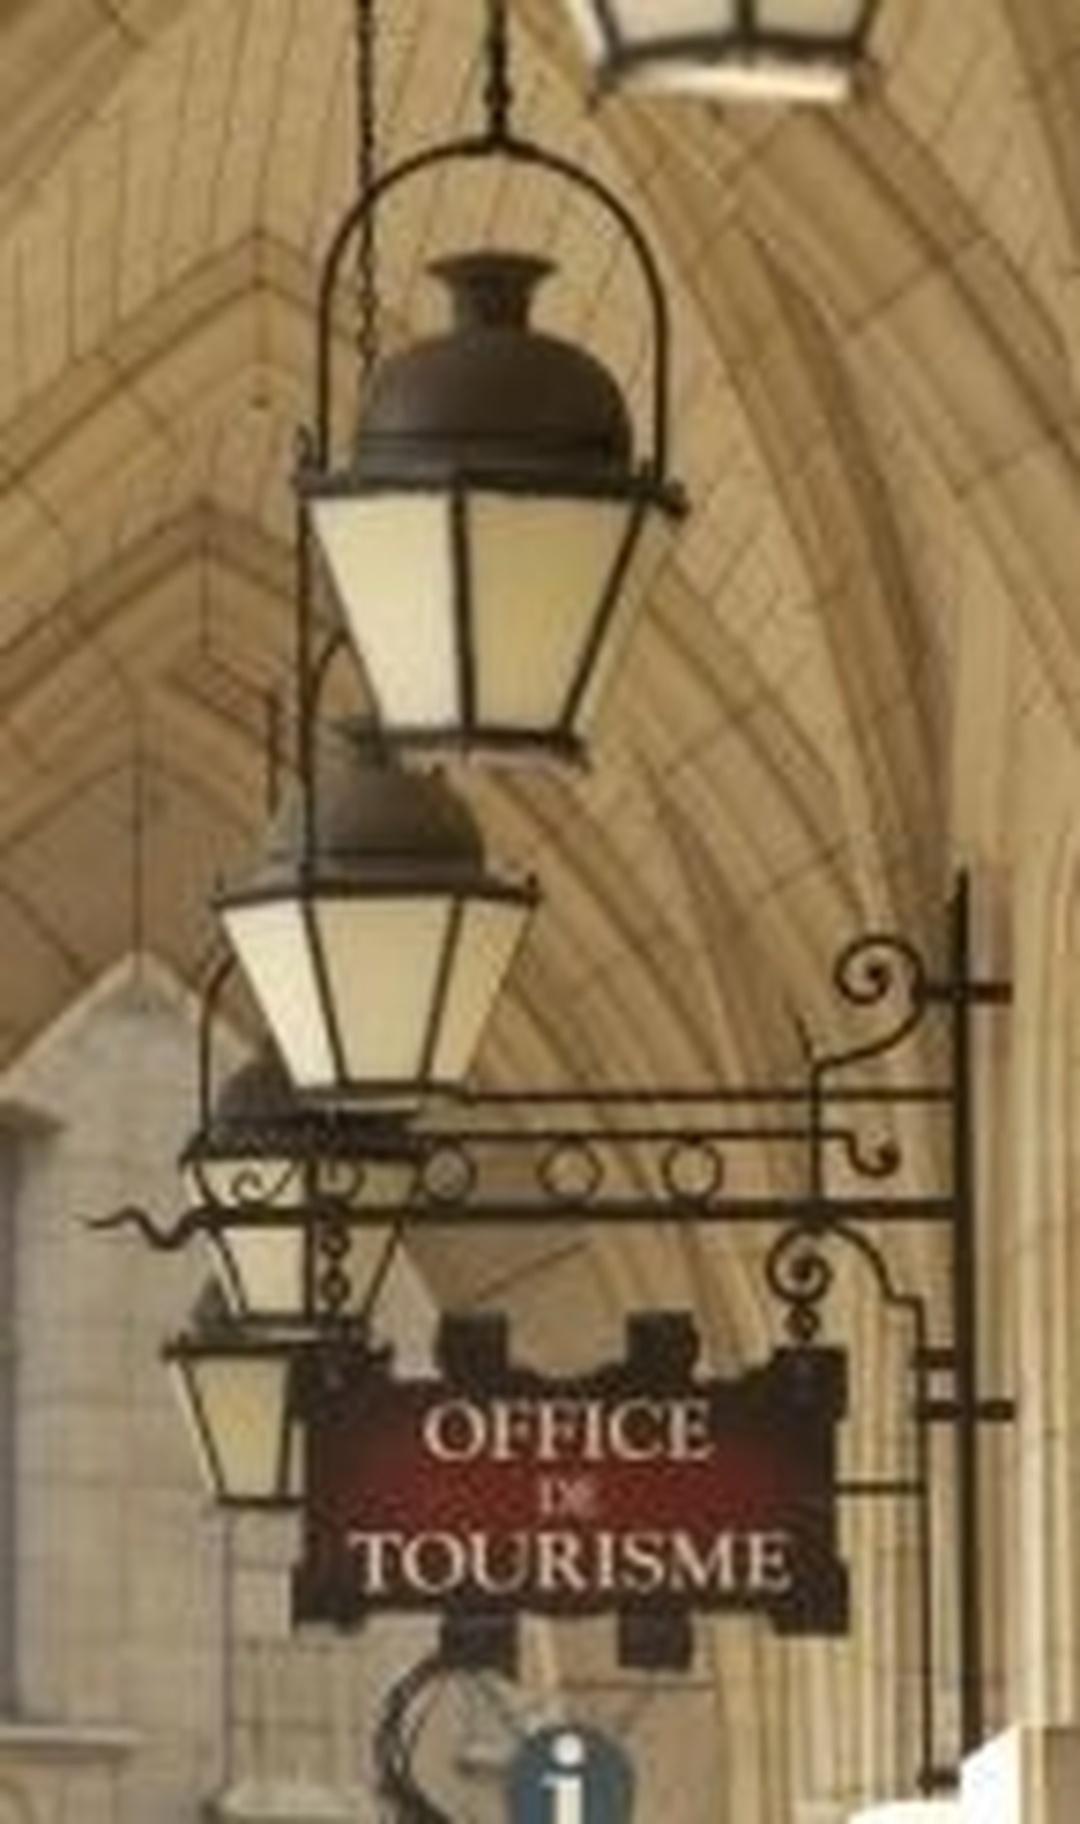 Tourist Information Center - Office de Tourisme d'Arras , Arras